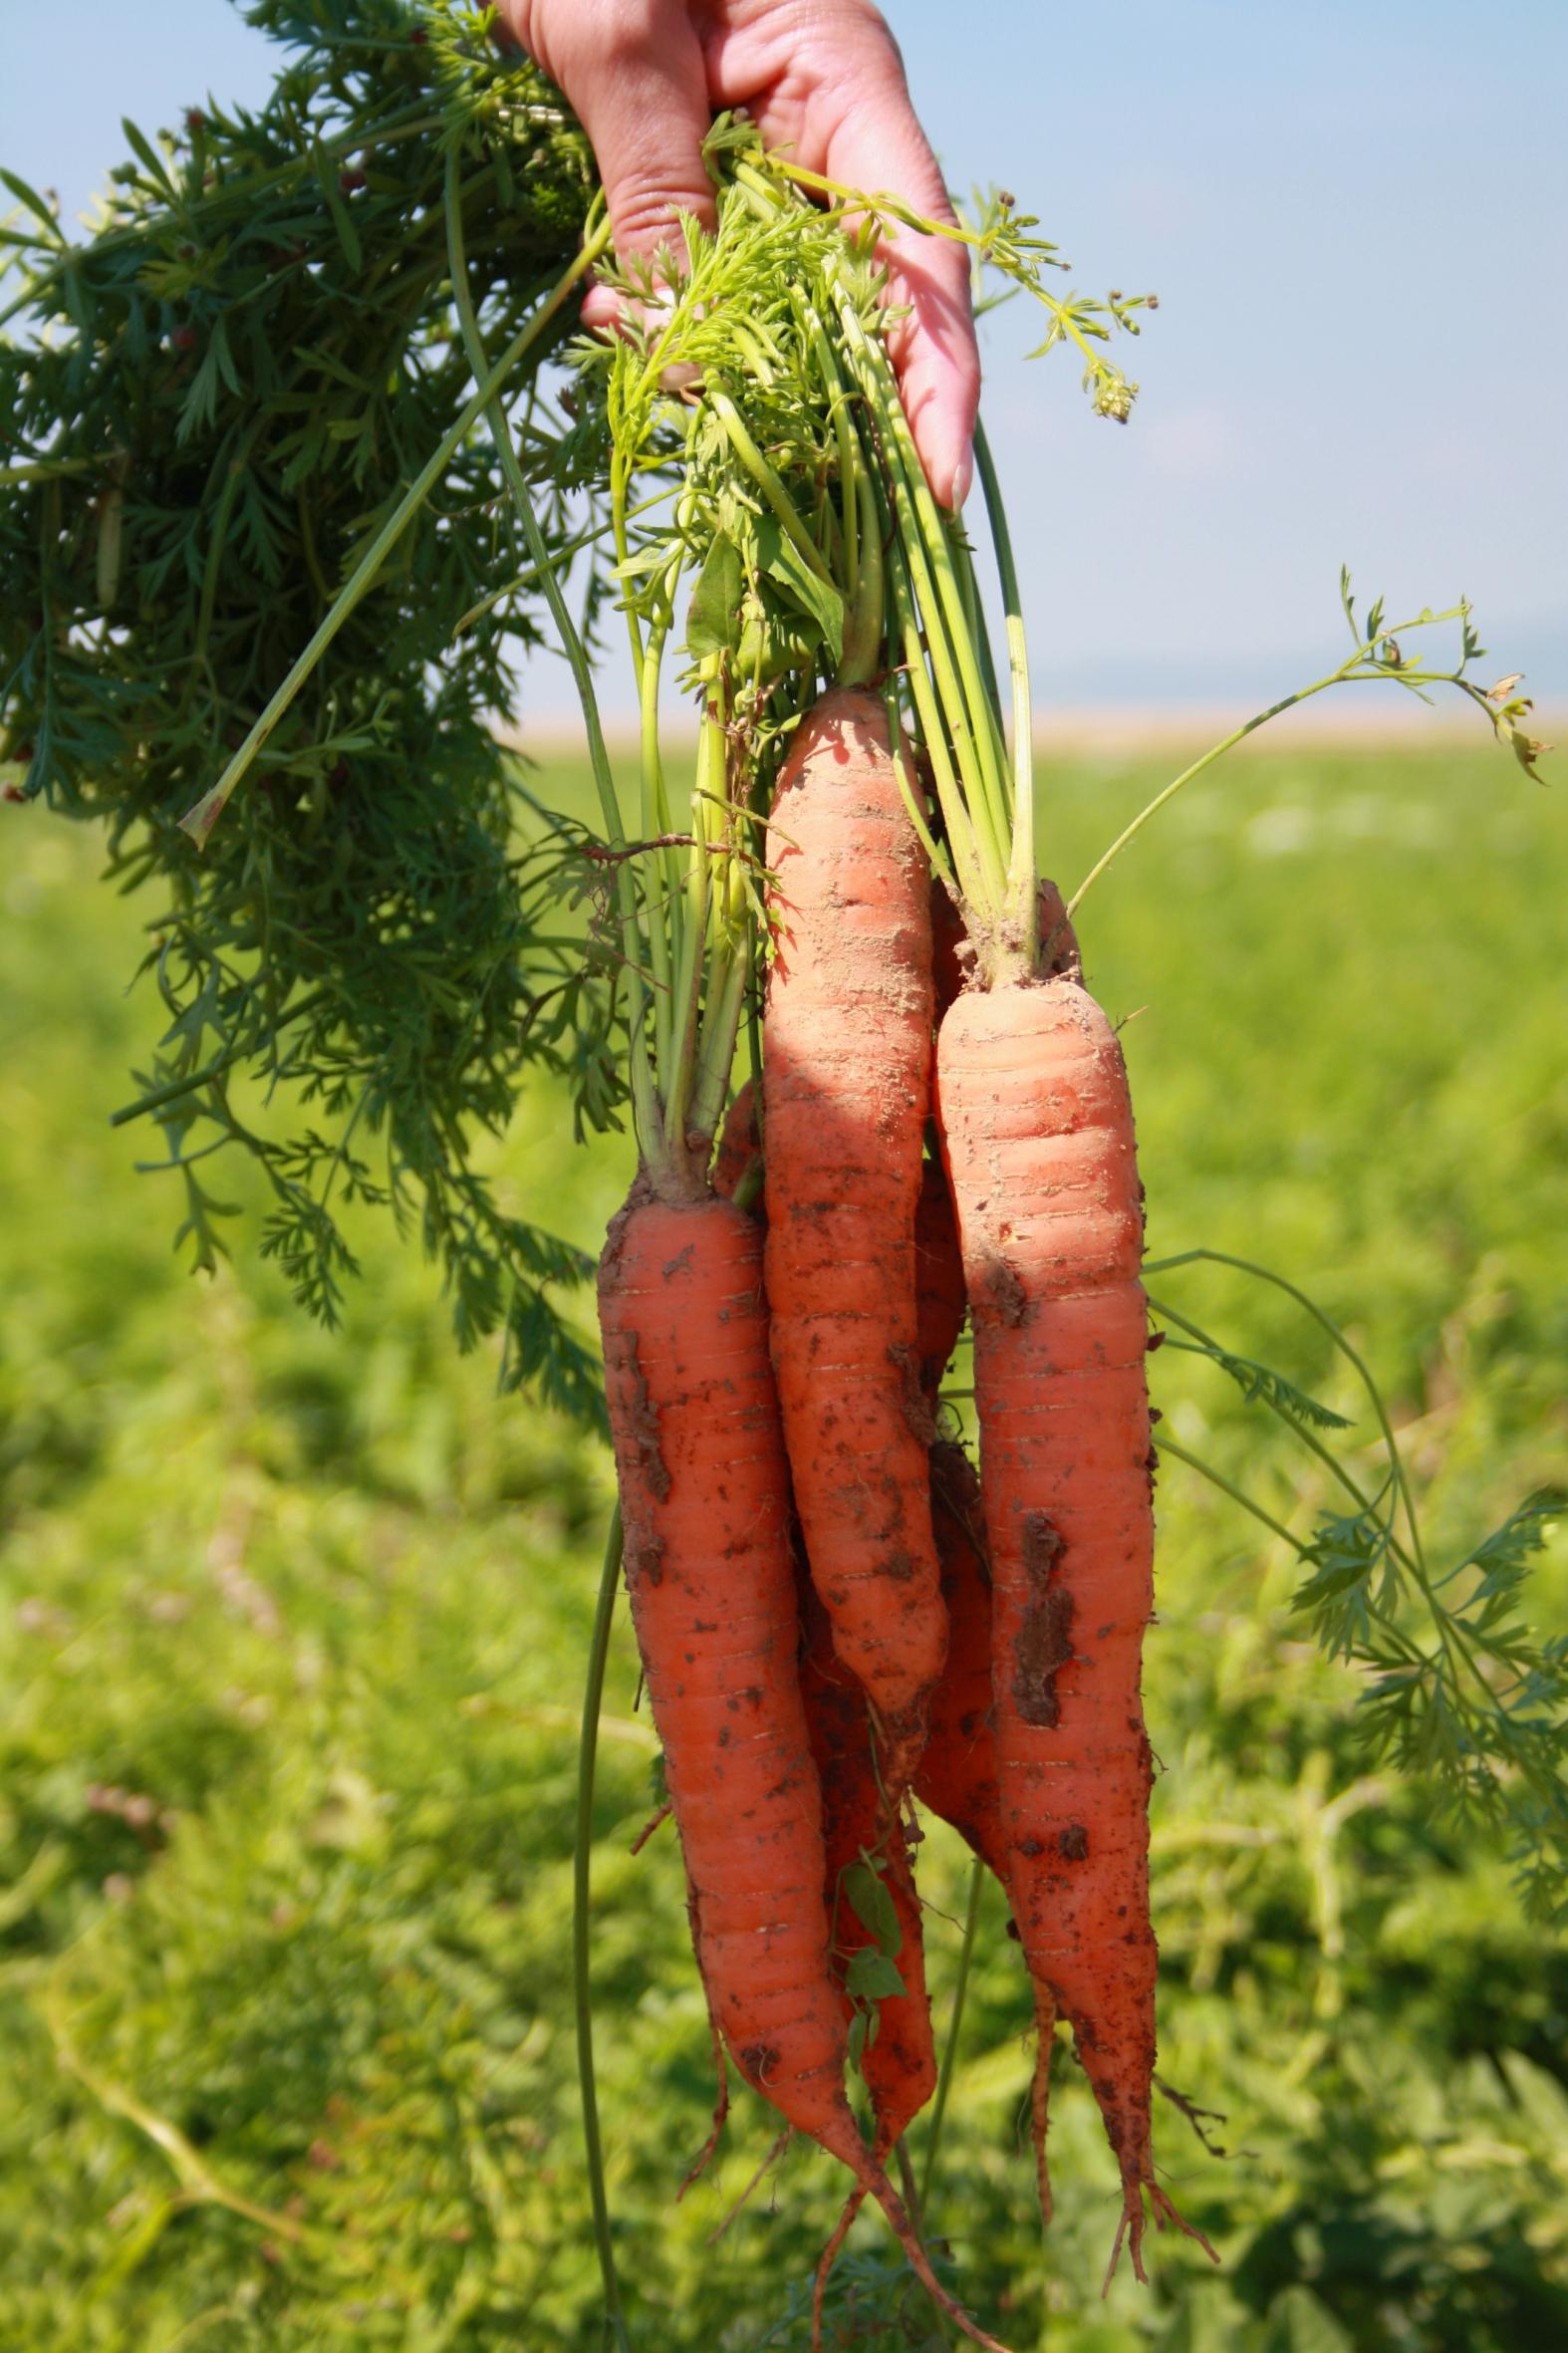 Orange und knackig – es gibt wieder frische Möhren